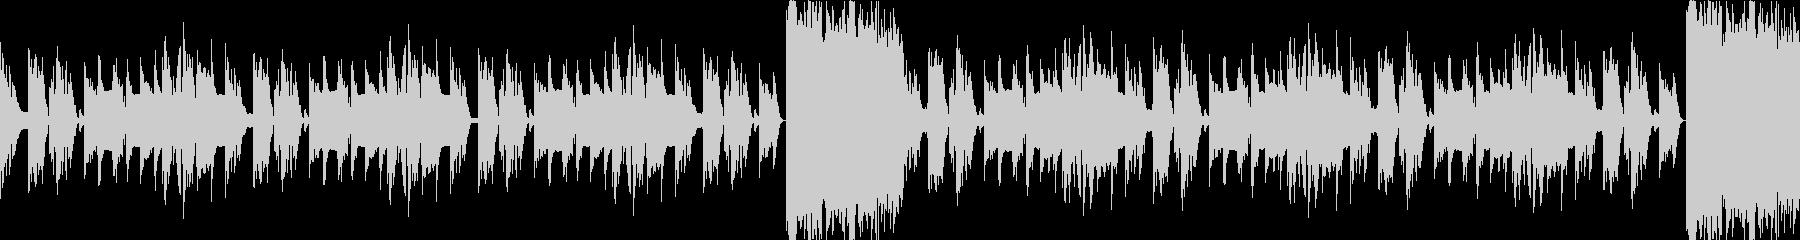 洞窟、ダンジョン、暗く切ない曲ループcの未再生の波形